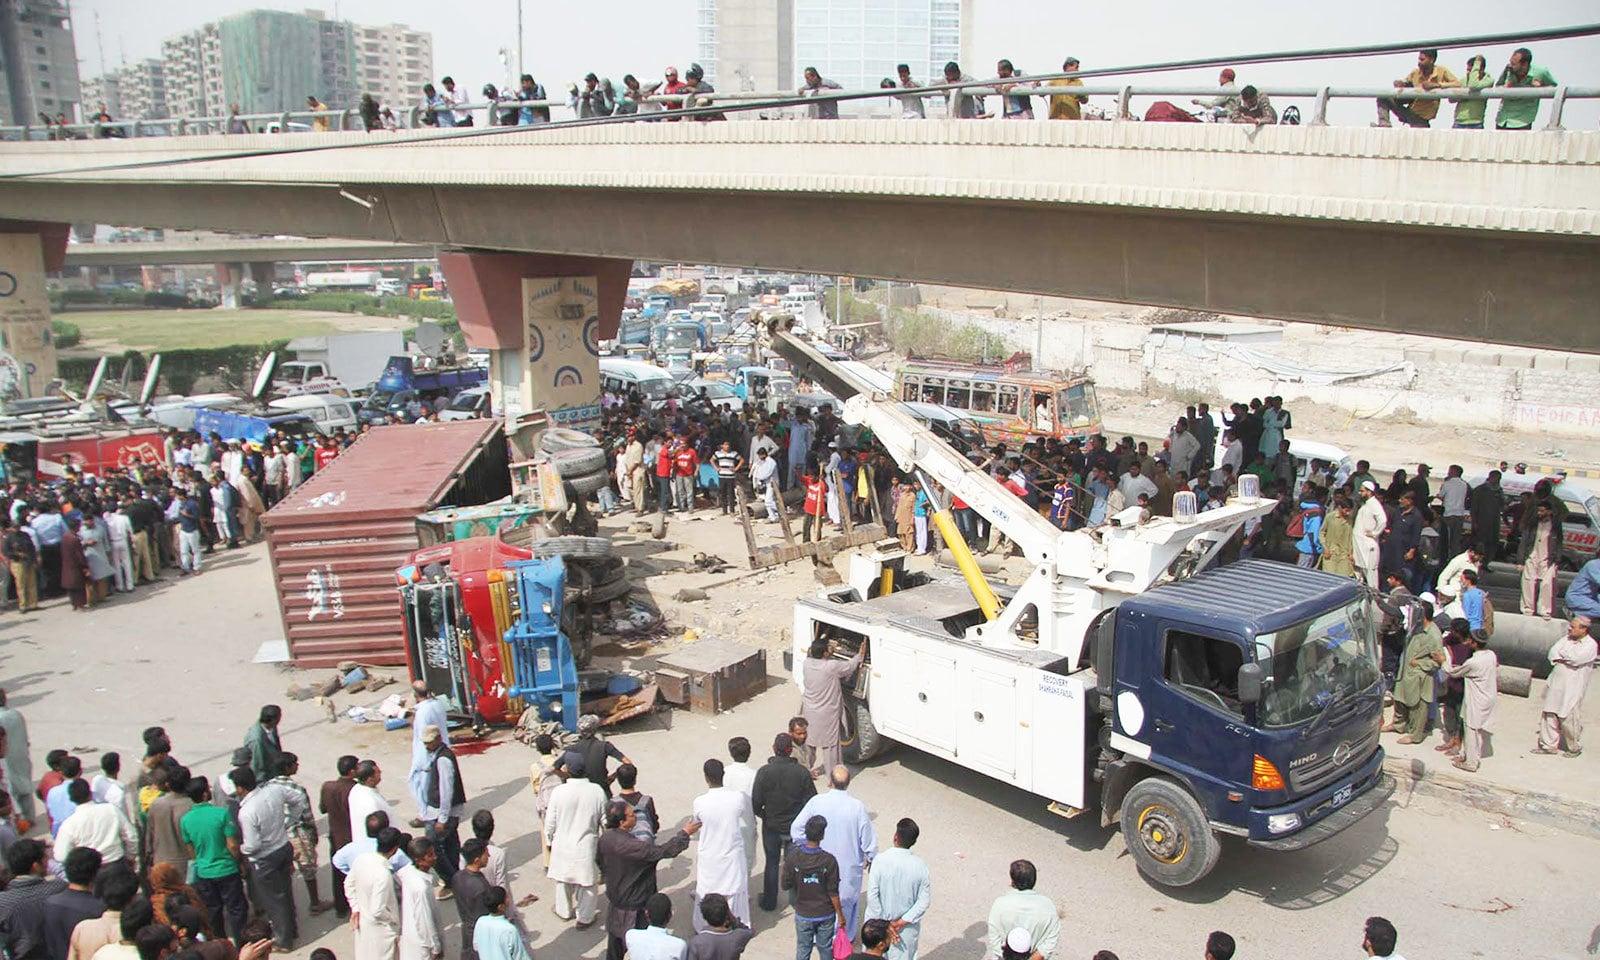 غیر تربیت یافتہ ڈرائیورز حادثات کا بڑا سبب ہیں—فوٹو: شٹر اسٹاک